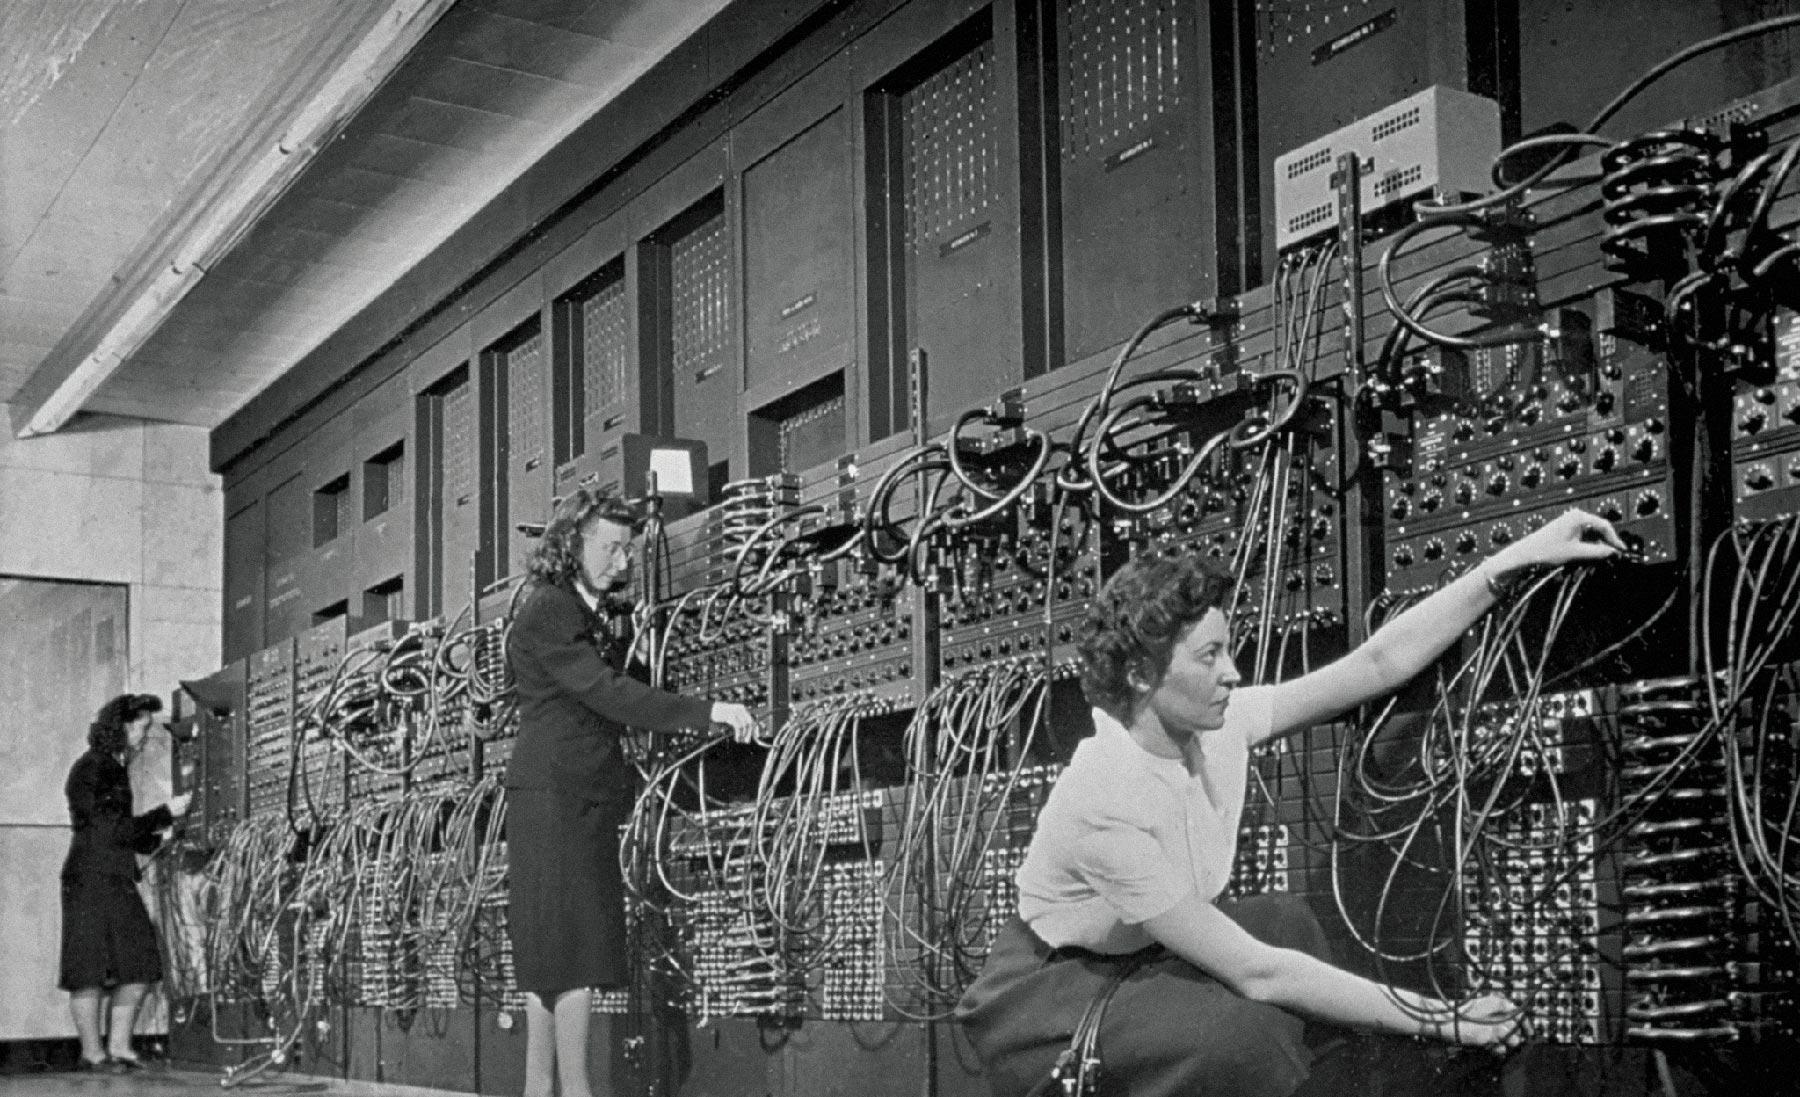 Программистки и ЭНИАК — первый в мире программируемый компьютер общего назначения. Фото: Corbis/Getty Images